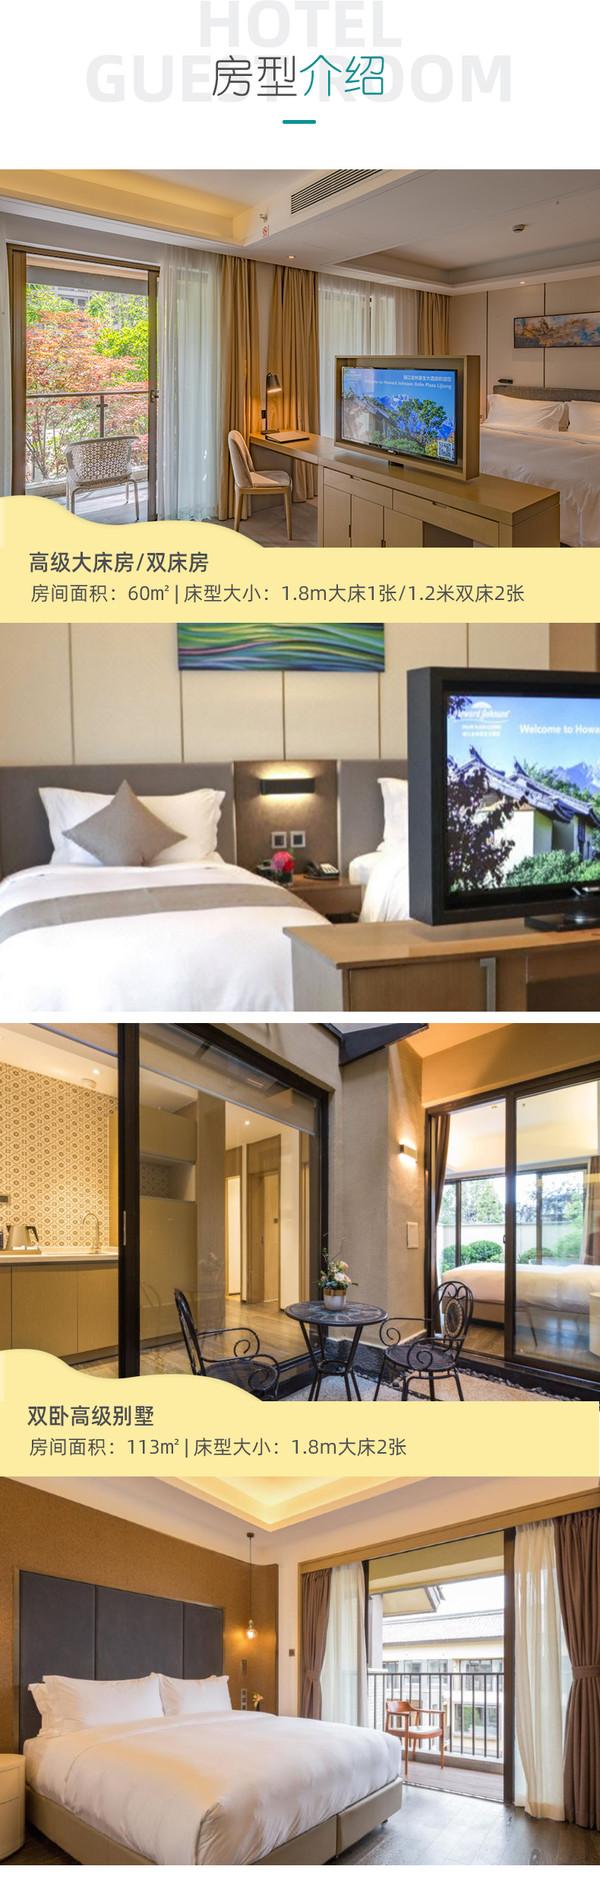 度假优选!丽江金林豪生大酒店 高级房2晚(含早餐+下午茶+旅拍体验)